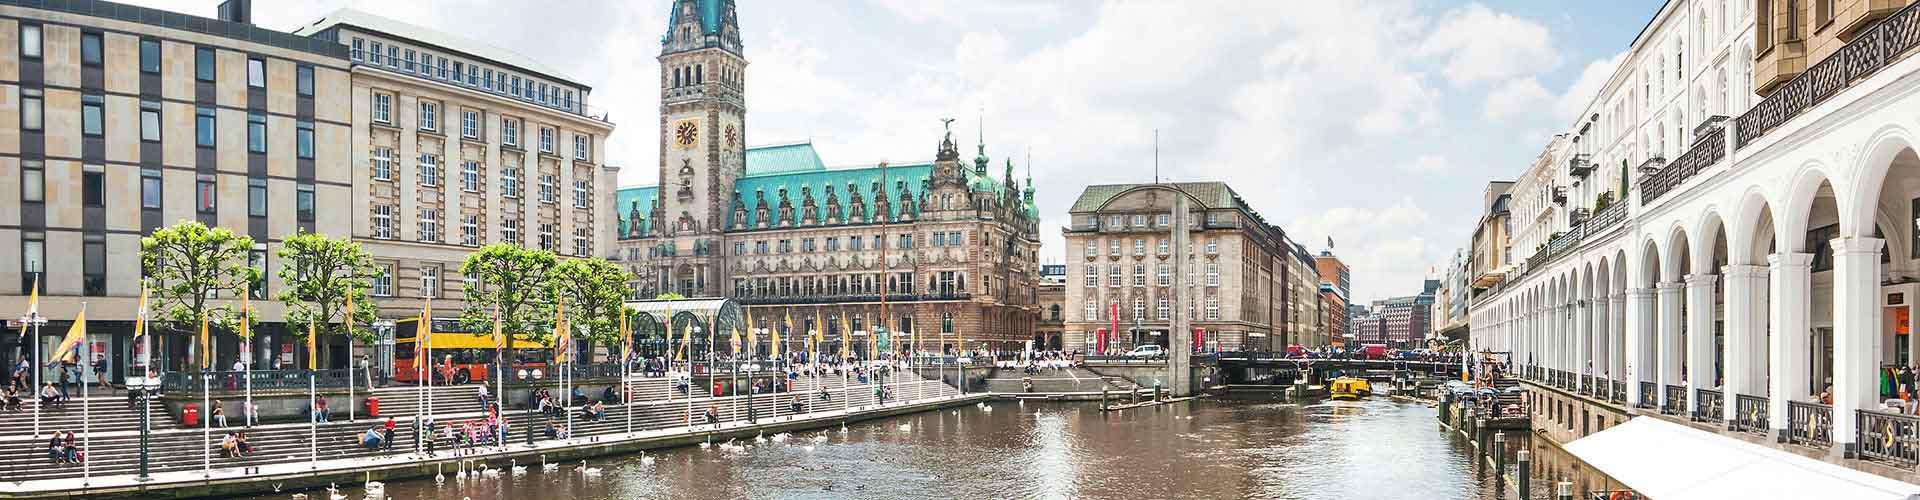 Hamburg - Hostele w mieście: Hamburg, Mapy: Hamburg, Zdjęcia i Recenzje dla każdego hostelu w mieście Hamburg.